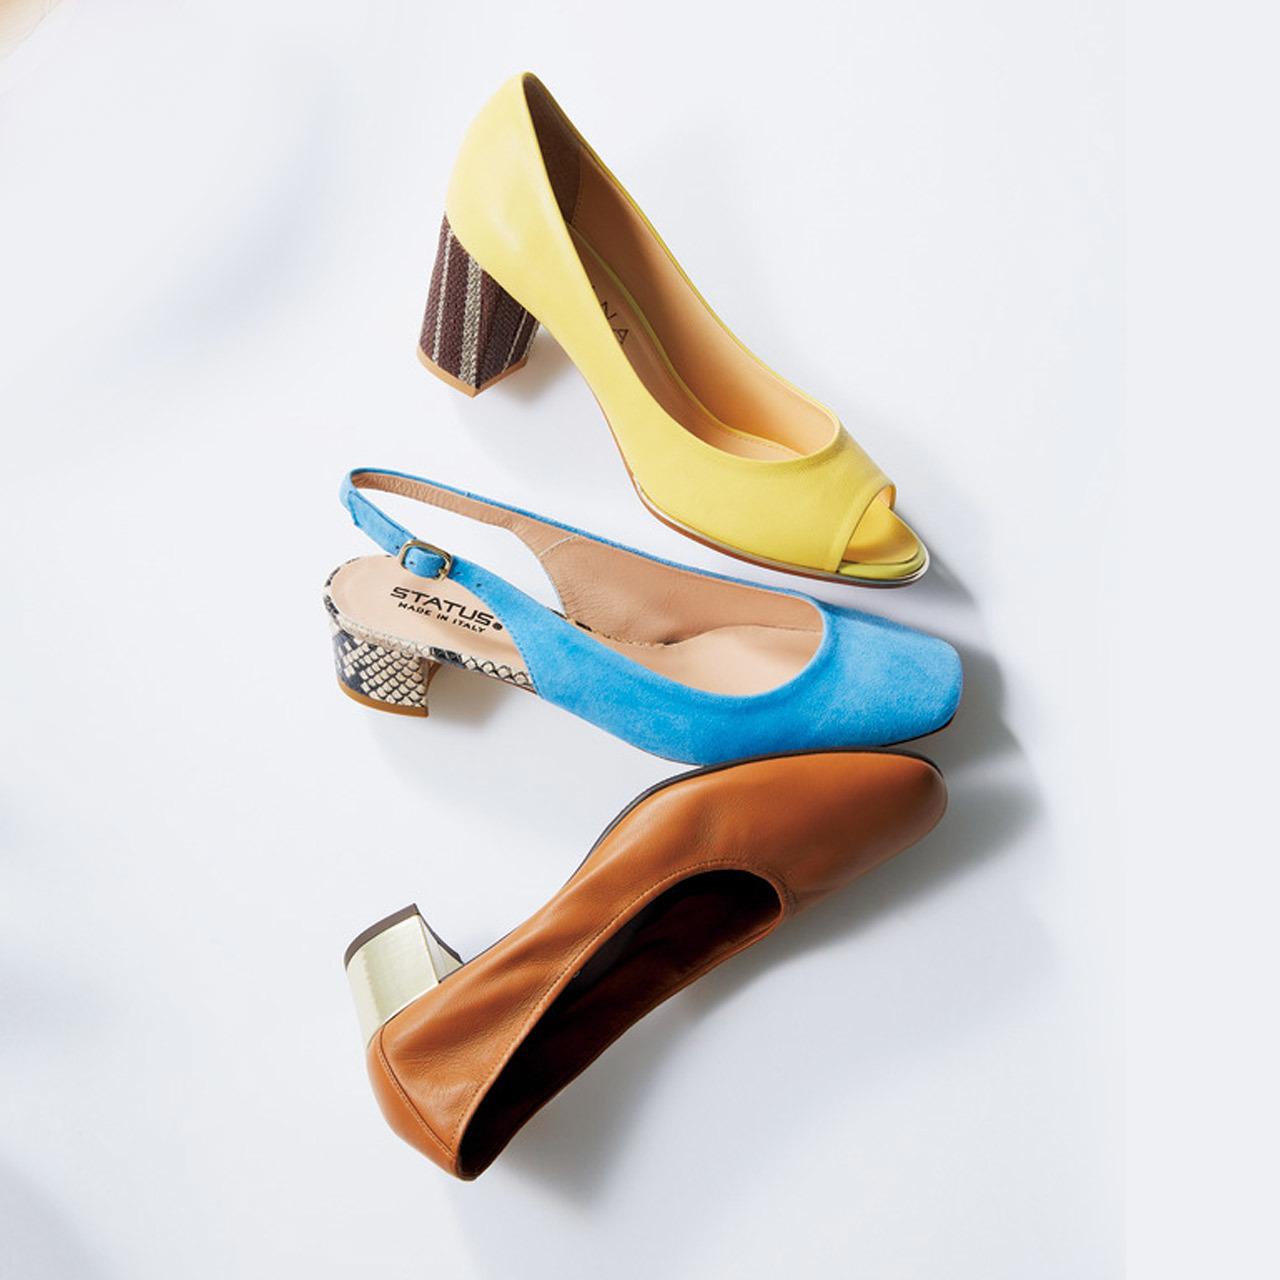 <派手めが今年流。「ヒールコンシャス」な靴、増えてます>